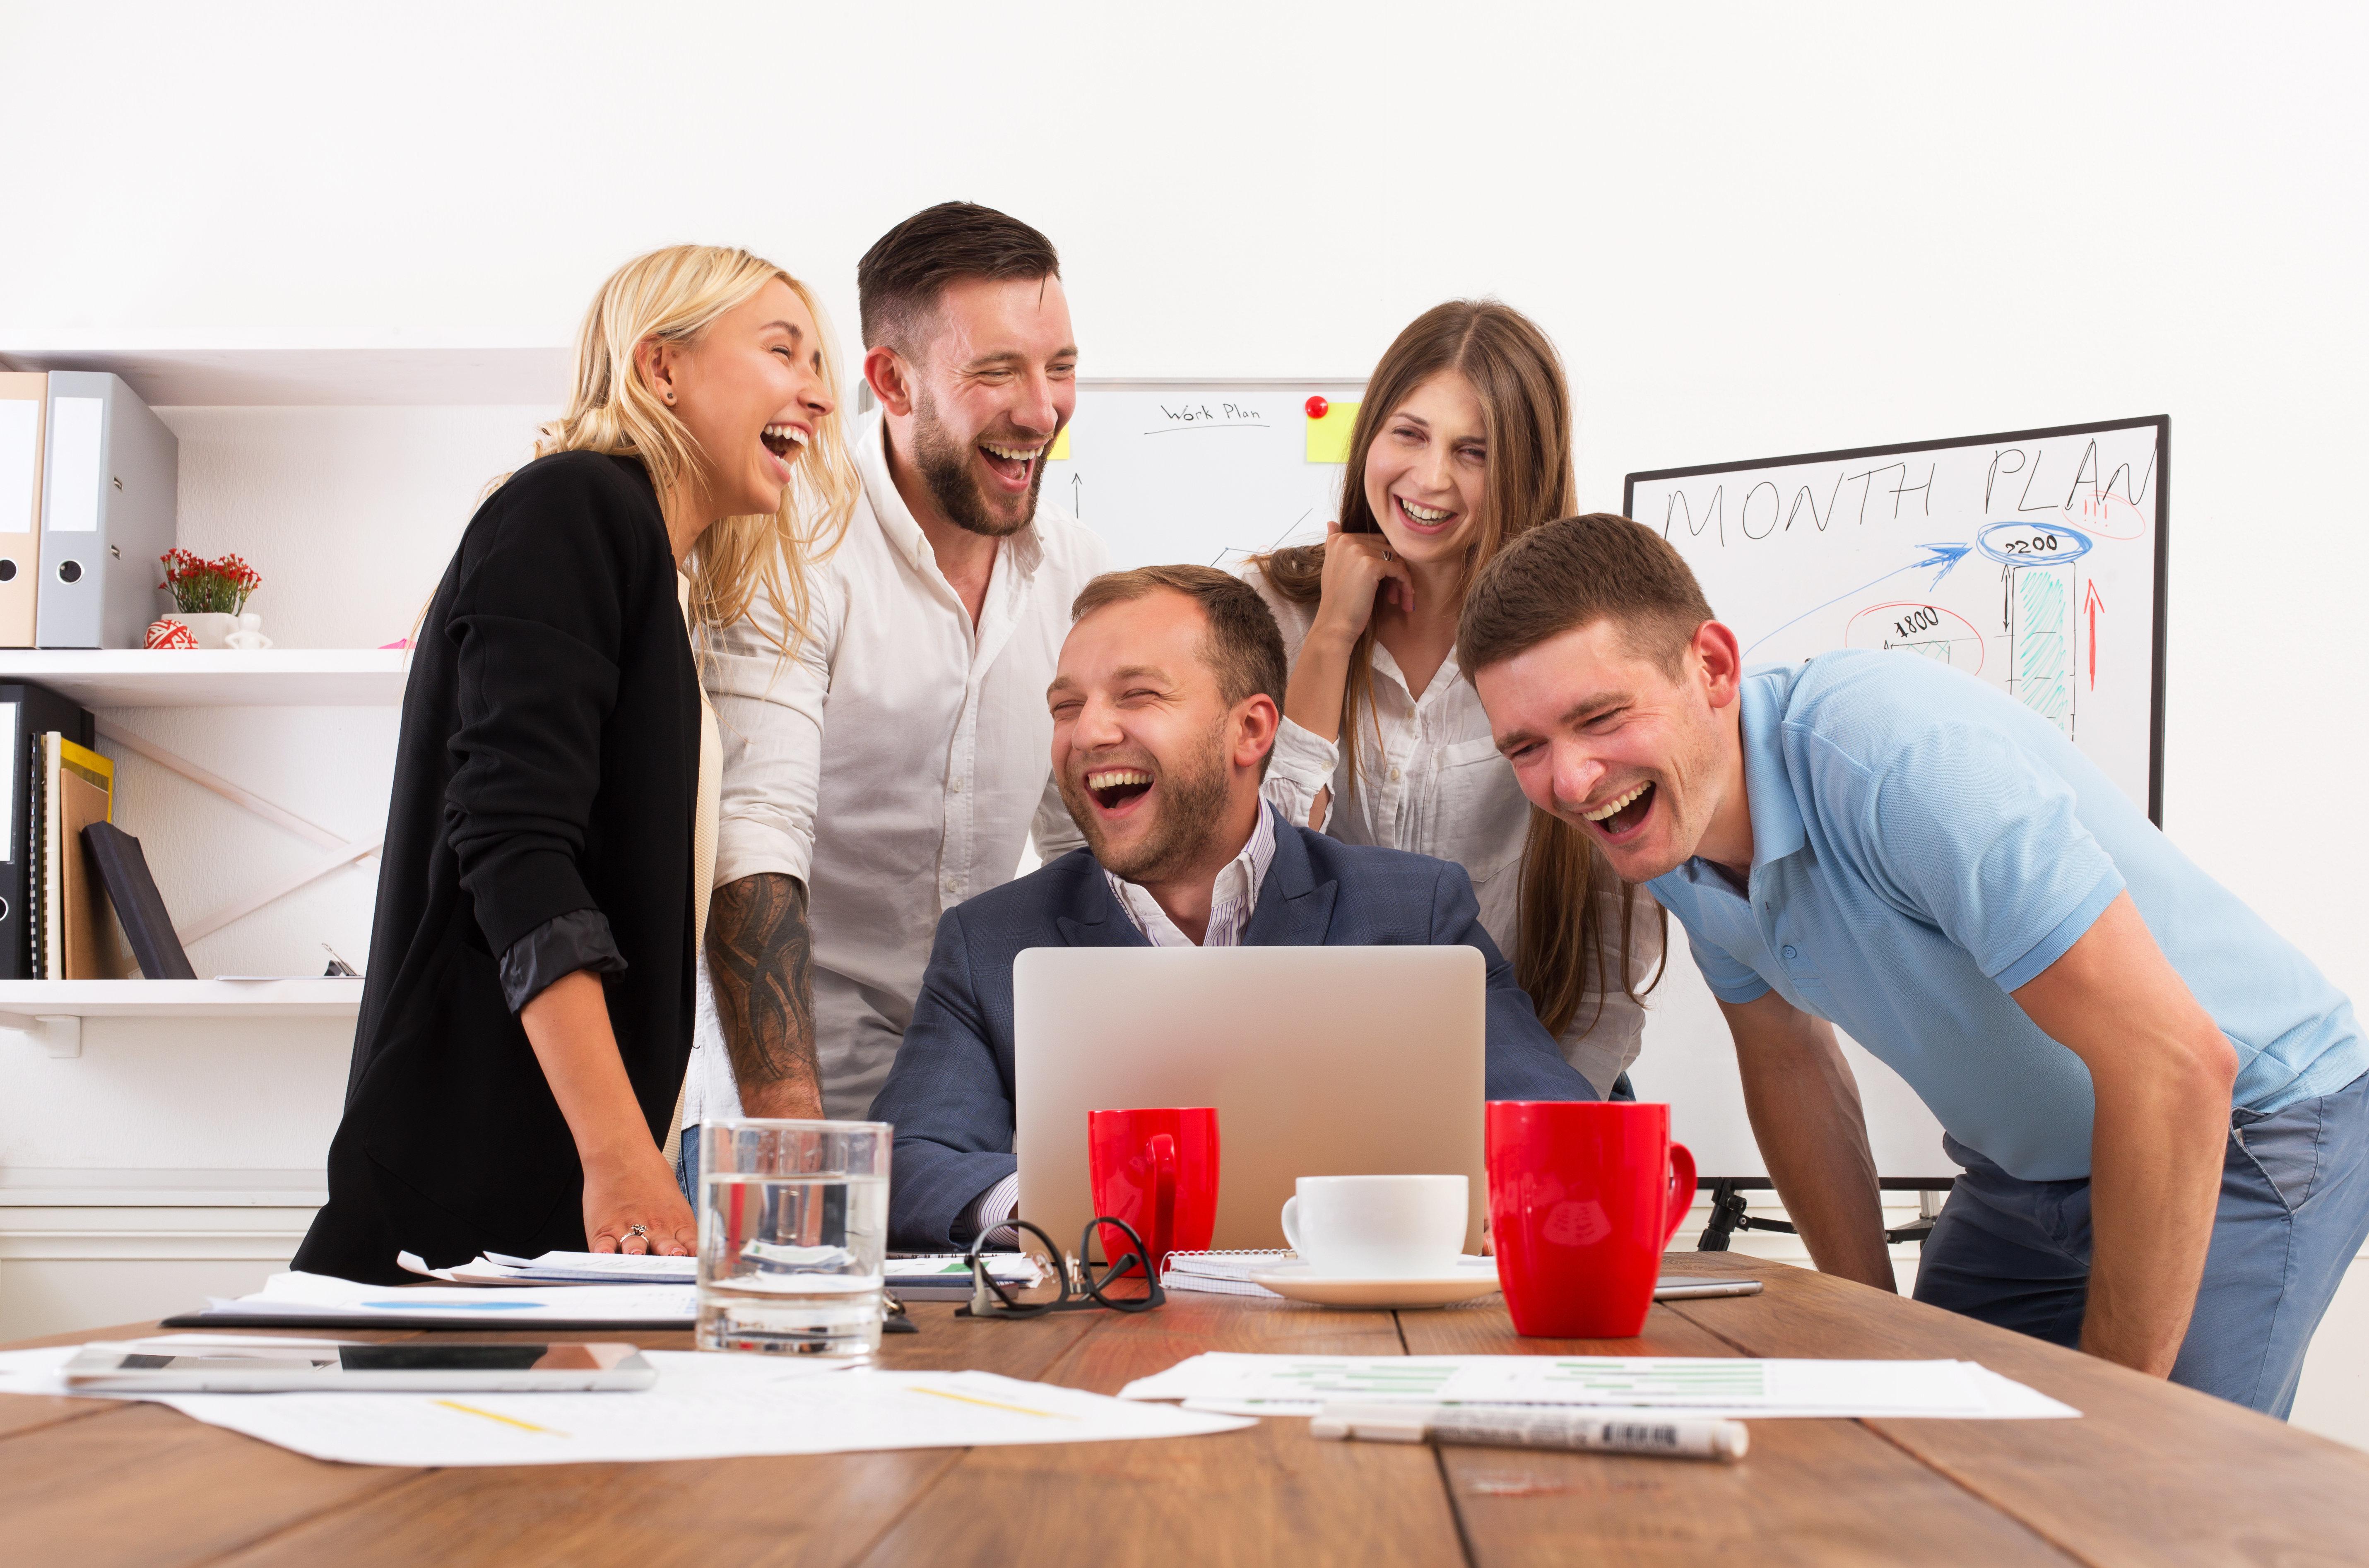 Μήπως παραείστε κολλητοί με το αφεντικό; Επτά σημάδια που δείχνουν ότι η σχέση σας είναι υπερβολικά